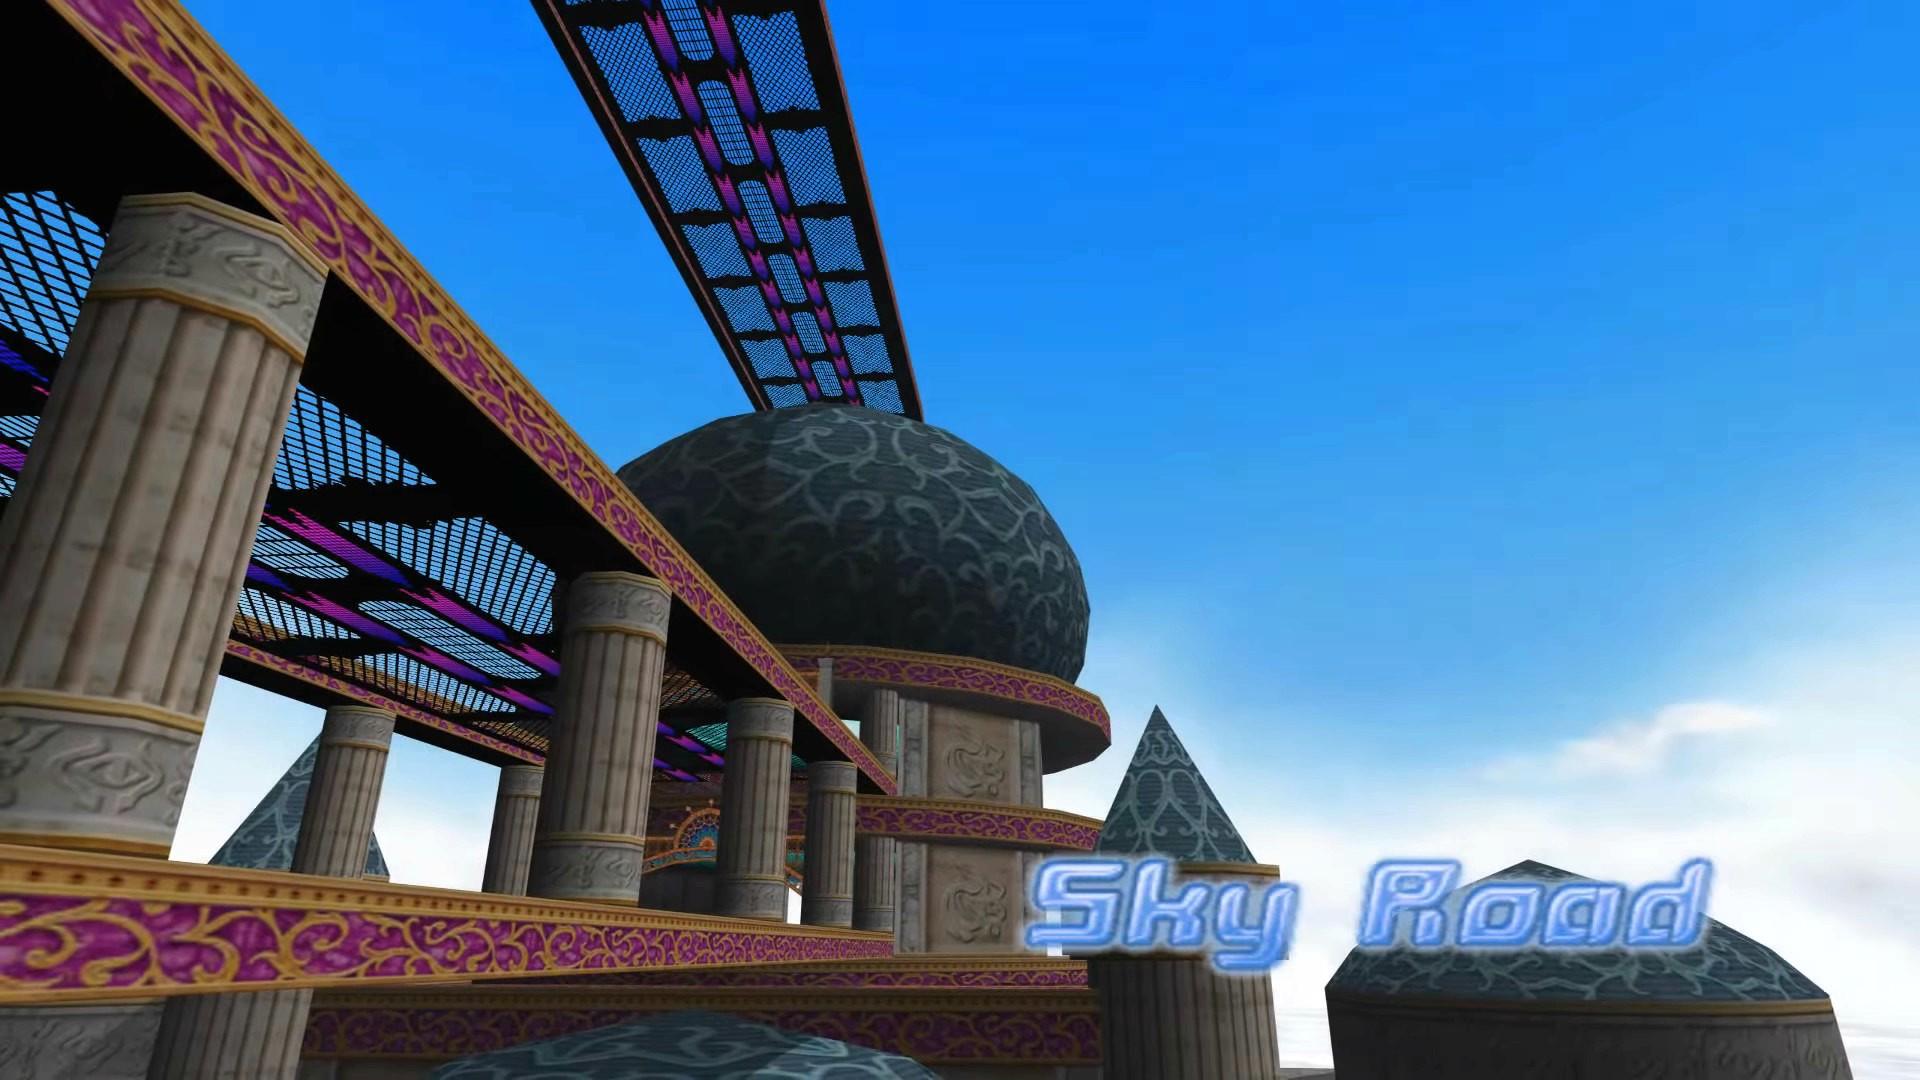 File:Skyroad.jpg